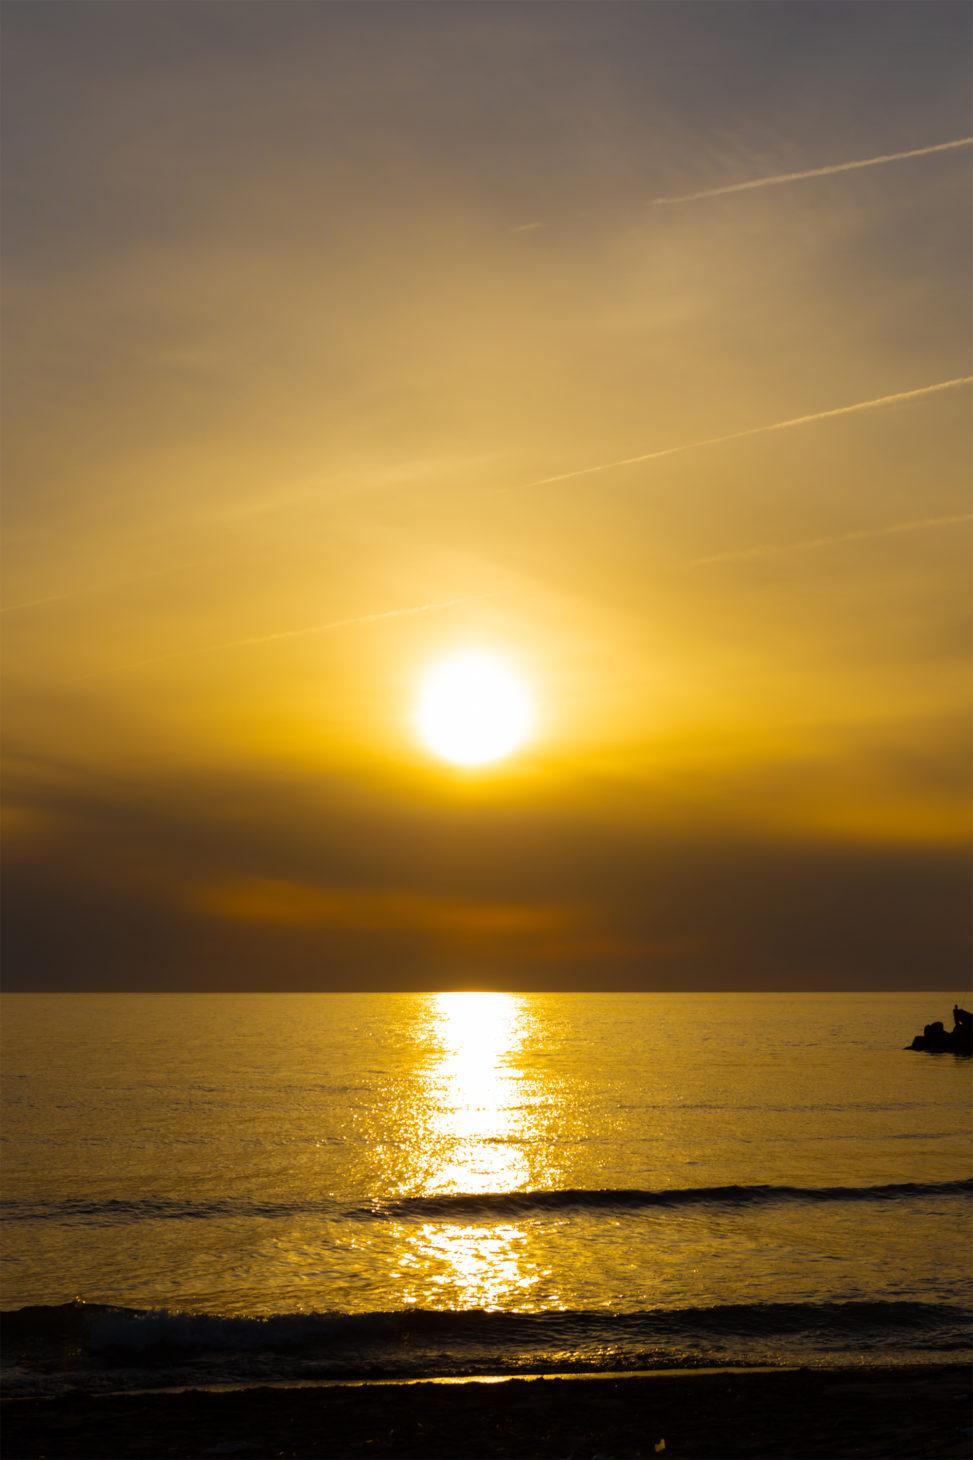 日本海に沈む夕日03 無料の高画質フリー写真素材 イメージズラボ